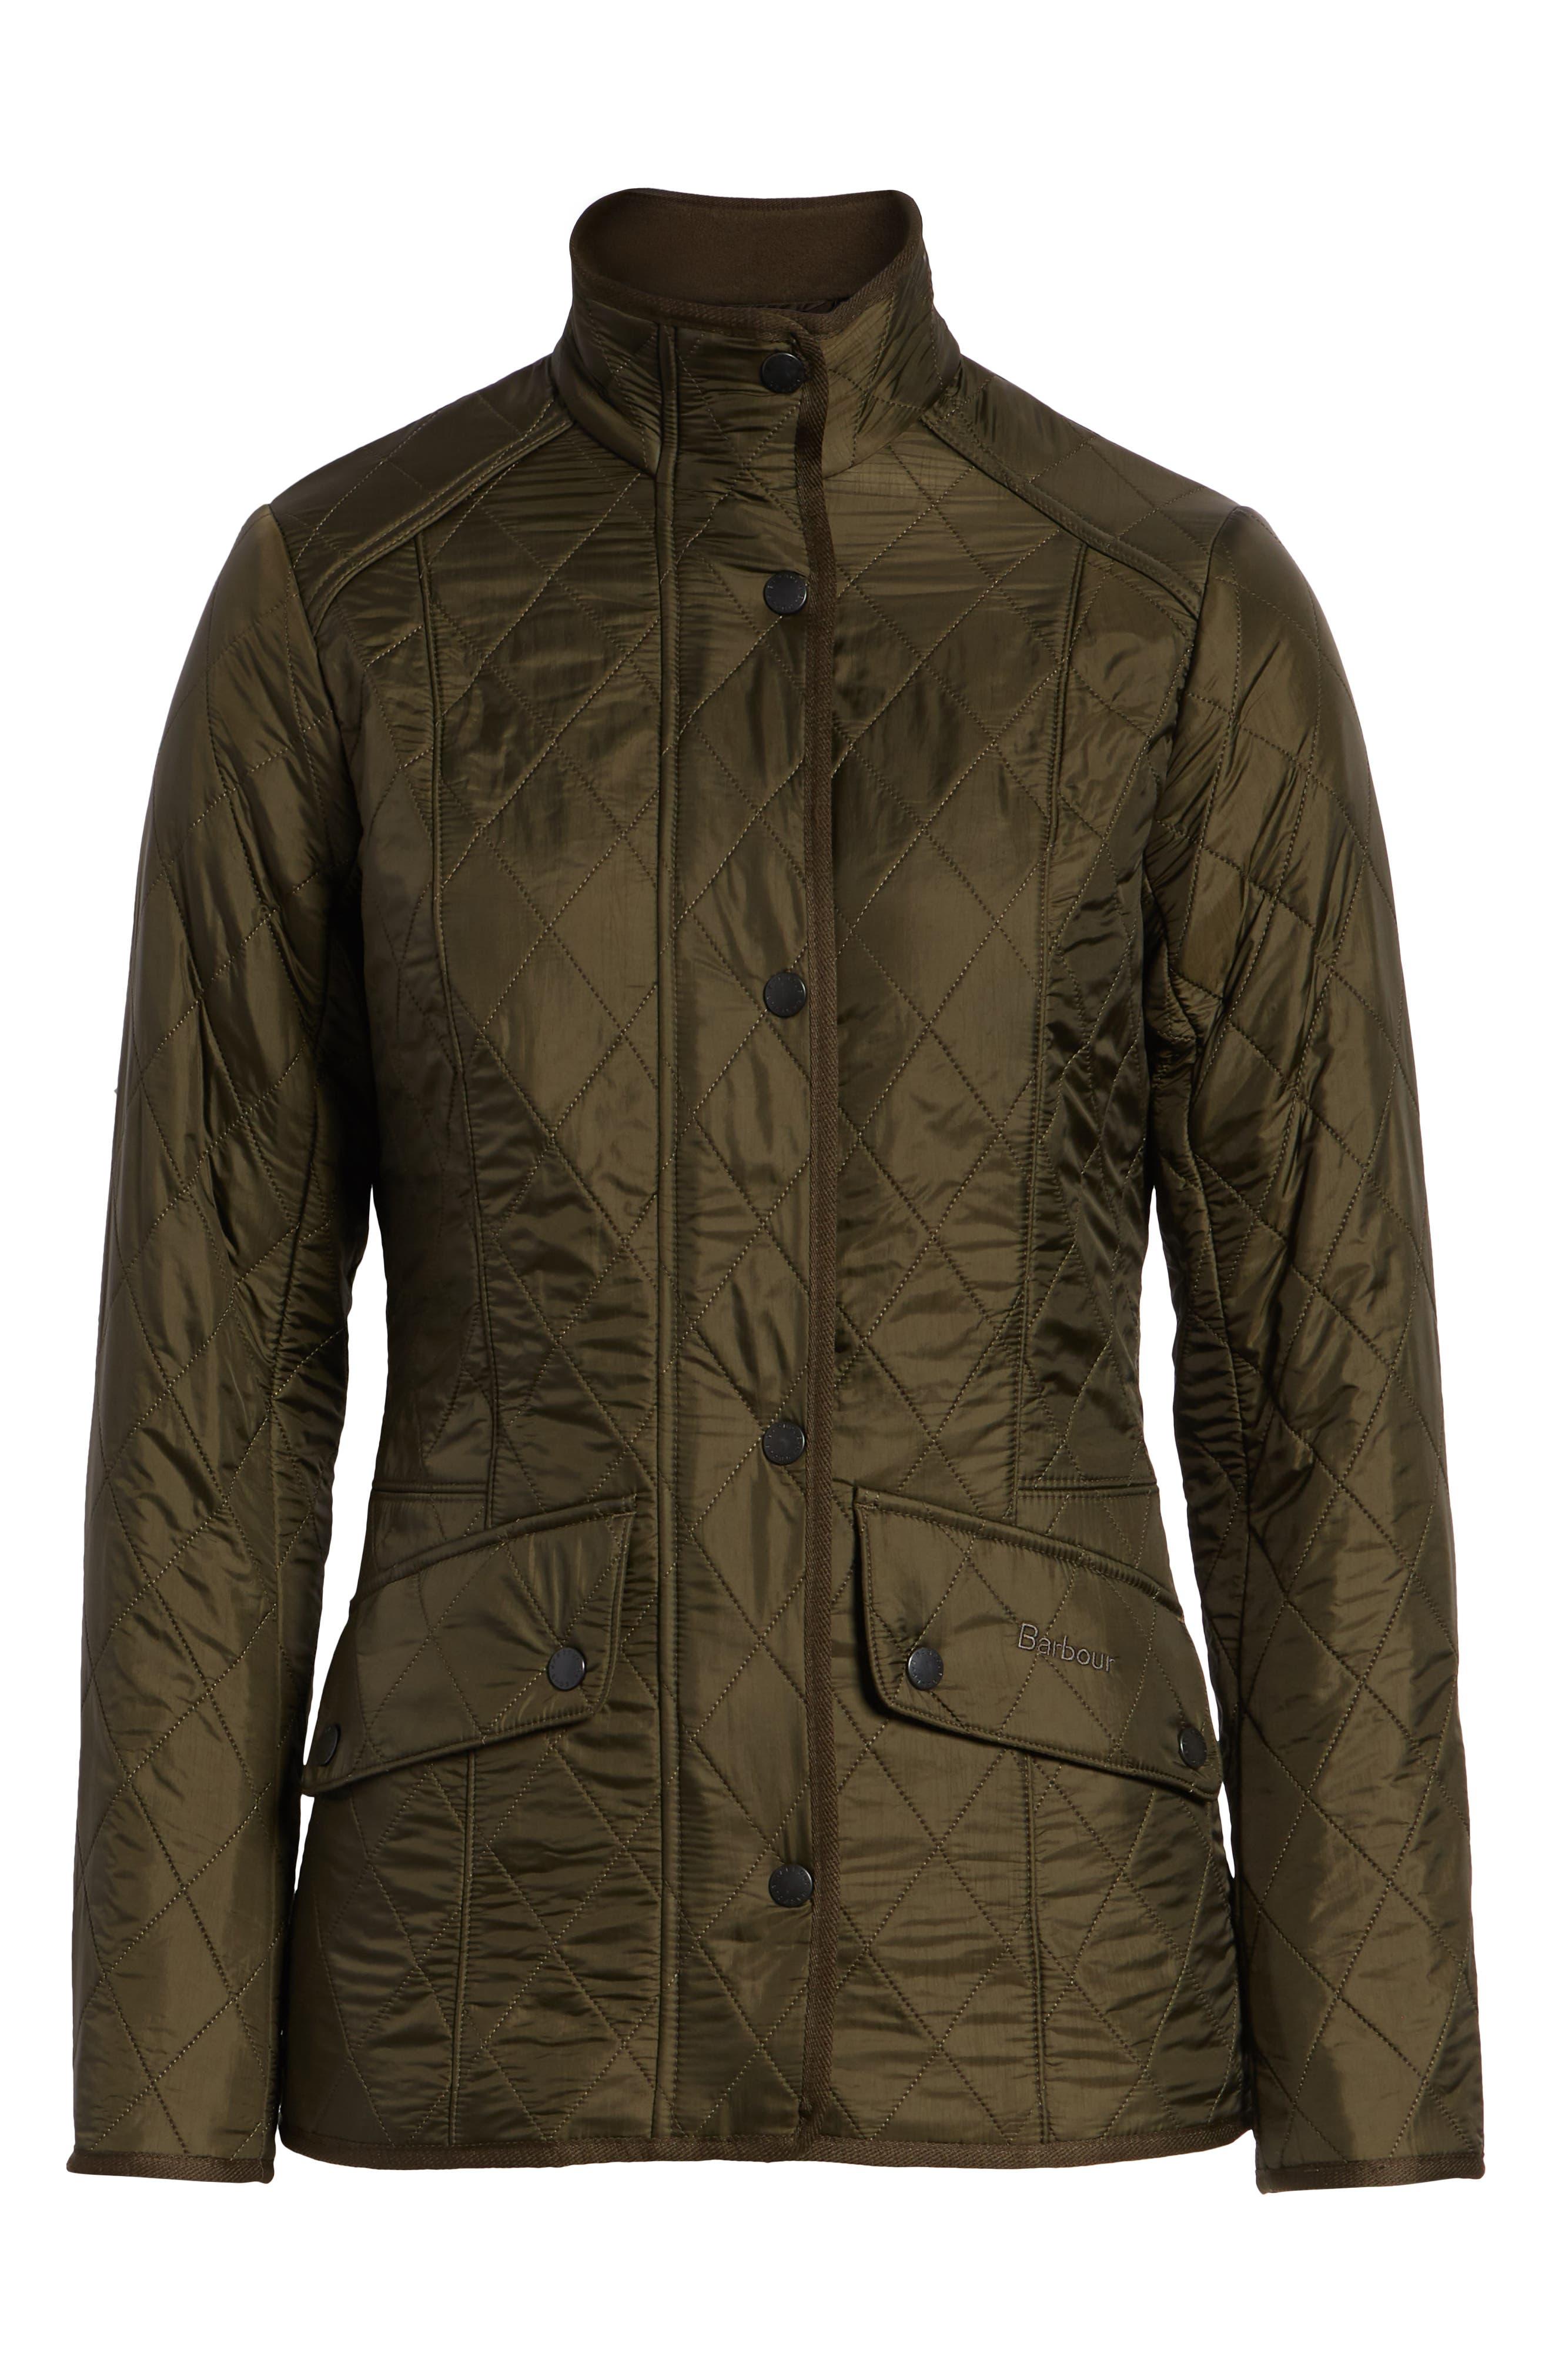 cff2987320d2f Women's Barbour Coats & Jackets | Nordstrom